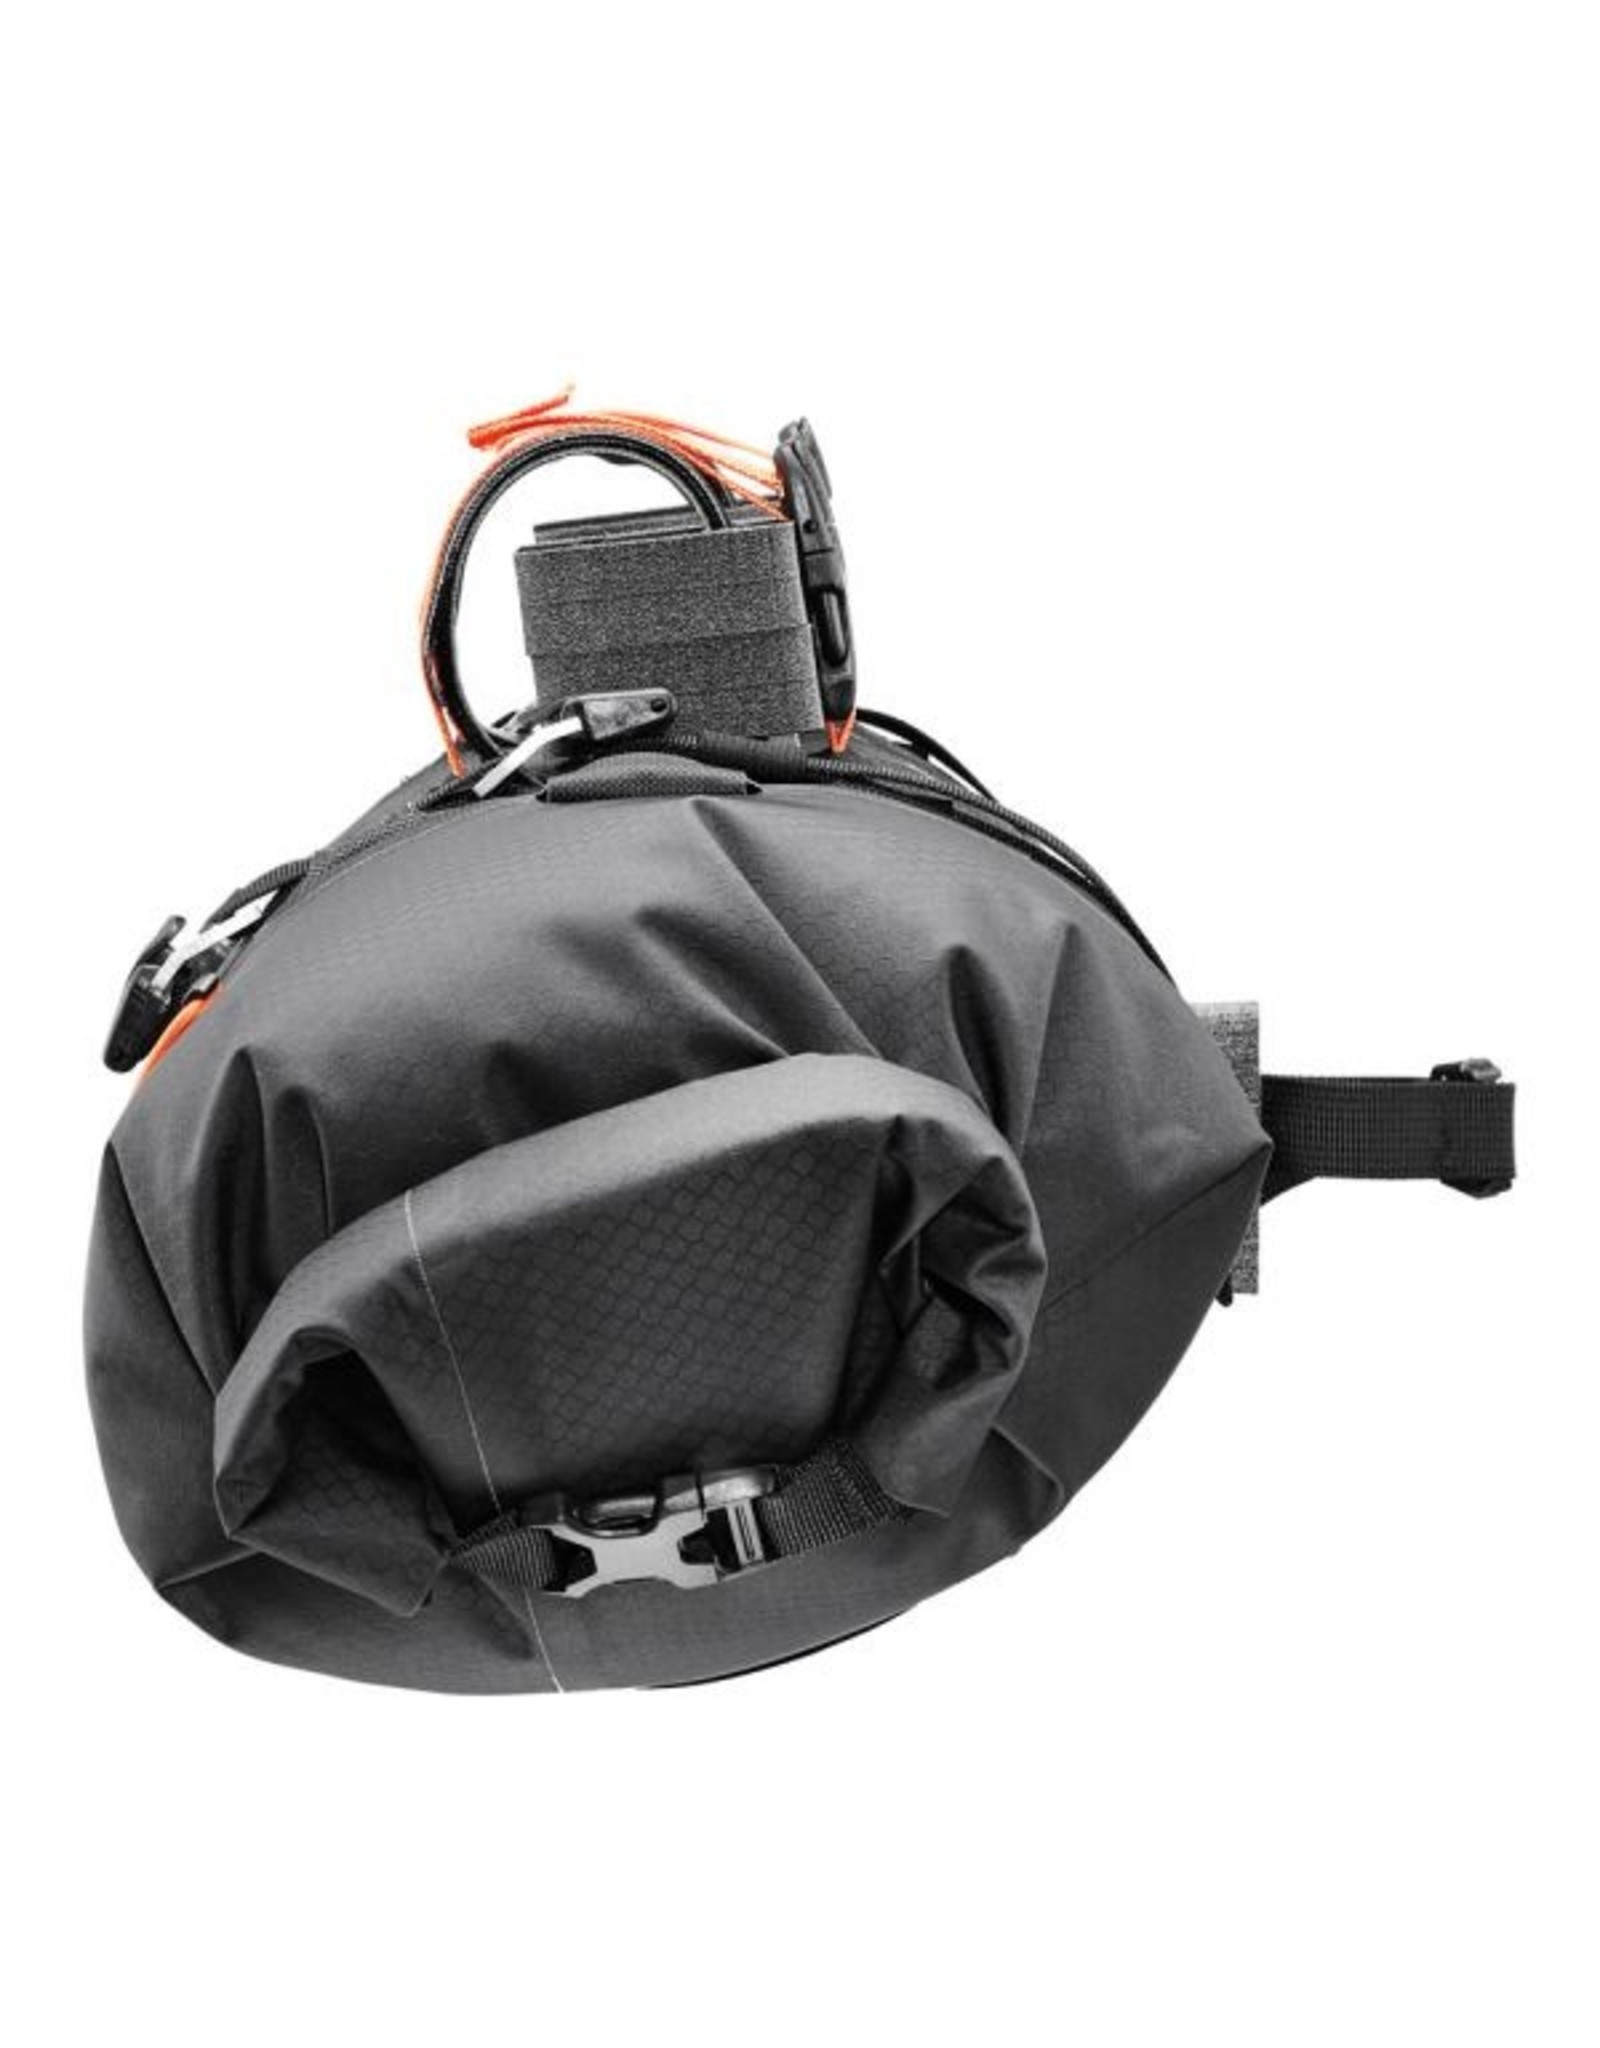 Ortlieb Ortlieb Bike Packing Handlebar Pack 15L